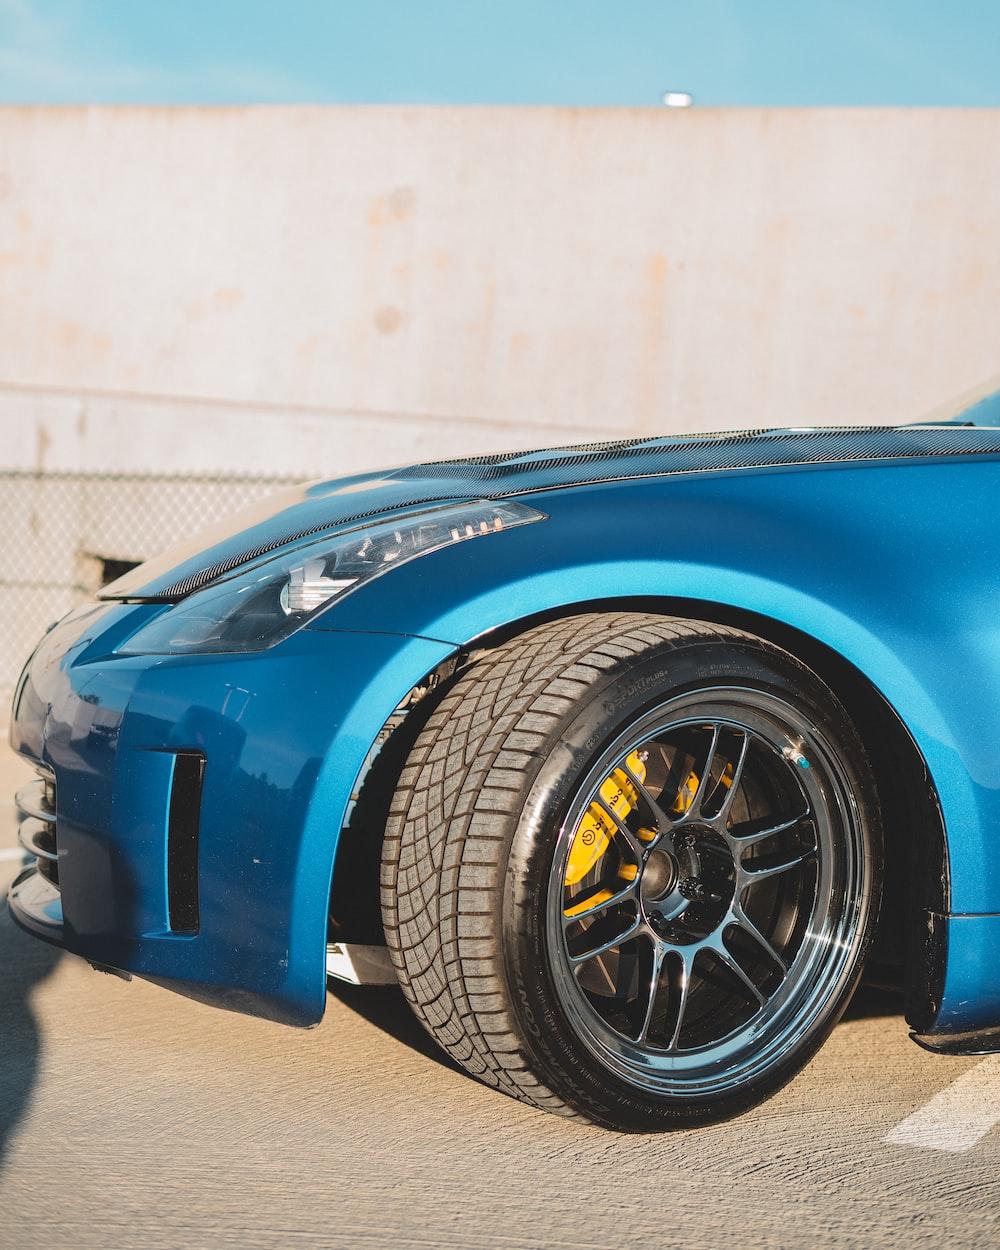 blue ferrari car in a garage